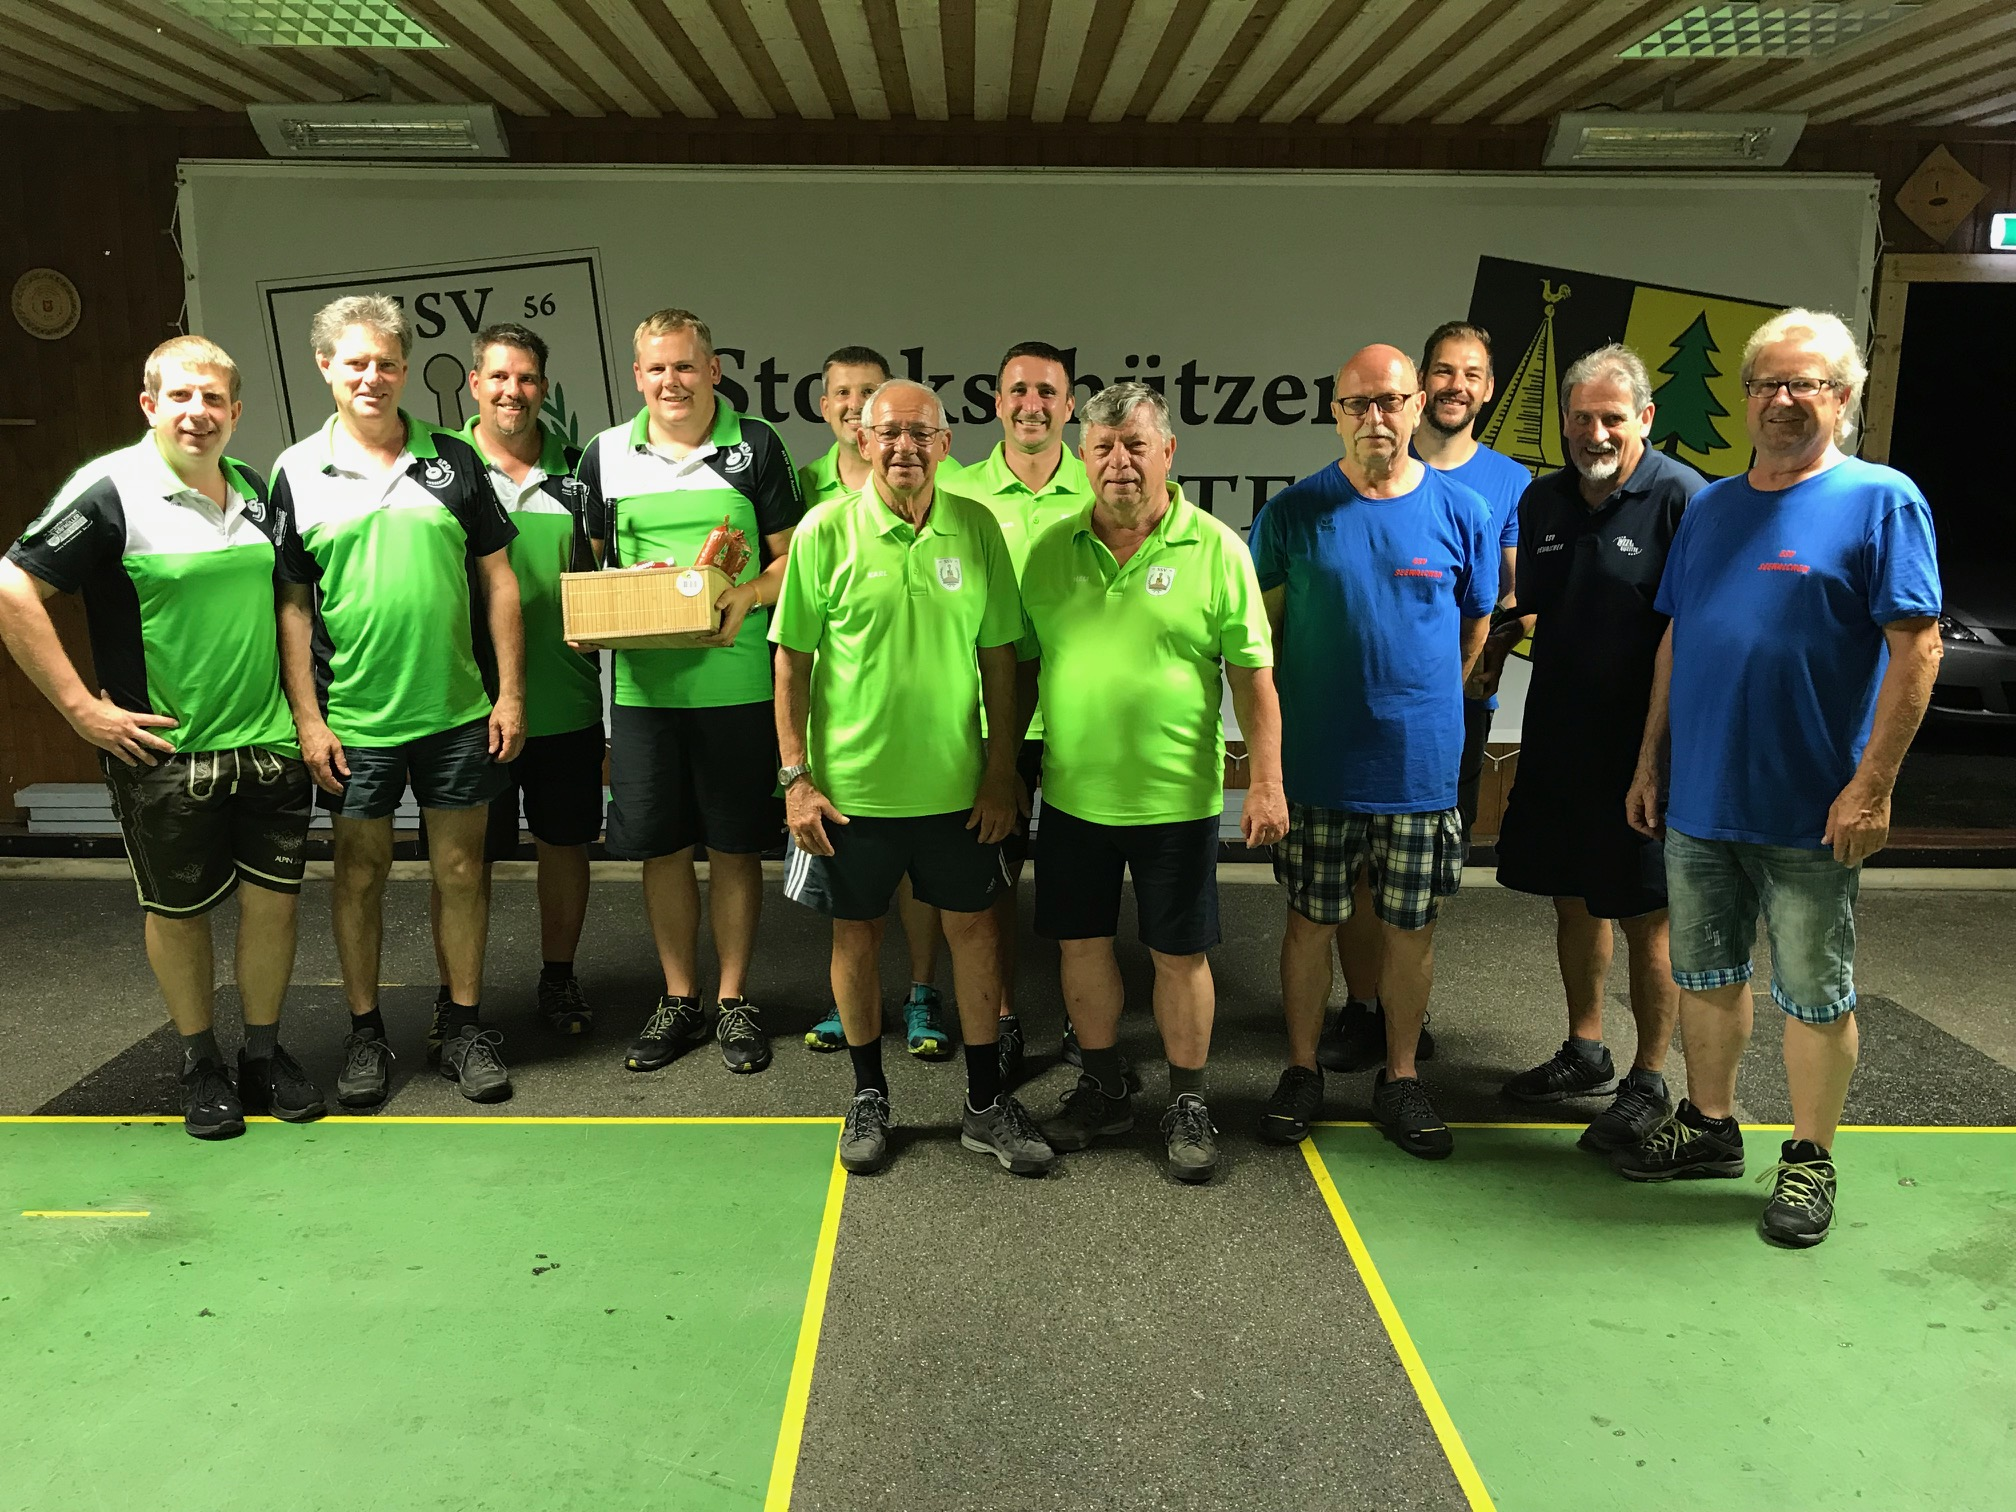 Turnier Mittwoch 26.6.19 - 2. ATSV Bad Aussee, Sieger SSV Altmünster, 3. ESV Seewalchen